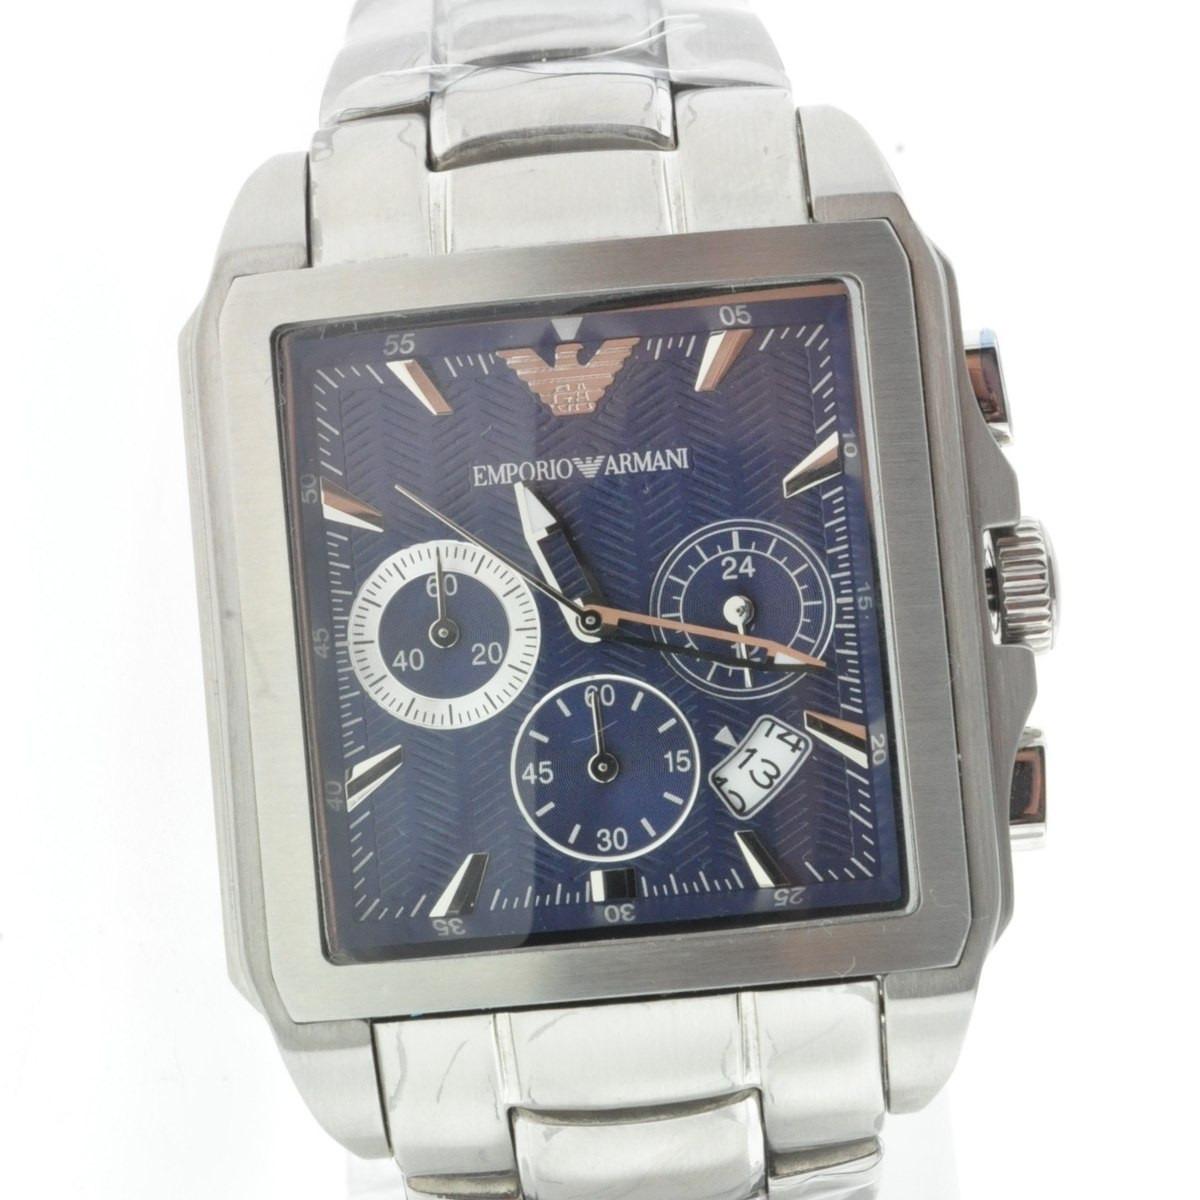 ac6275ae8d7 relógio emporio armani ar0660 original azul quadrado top. Carregando zoom.